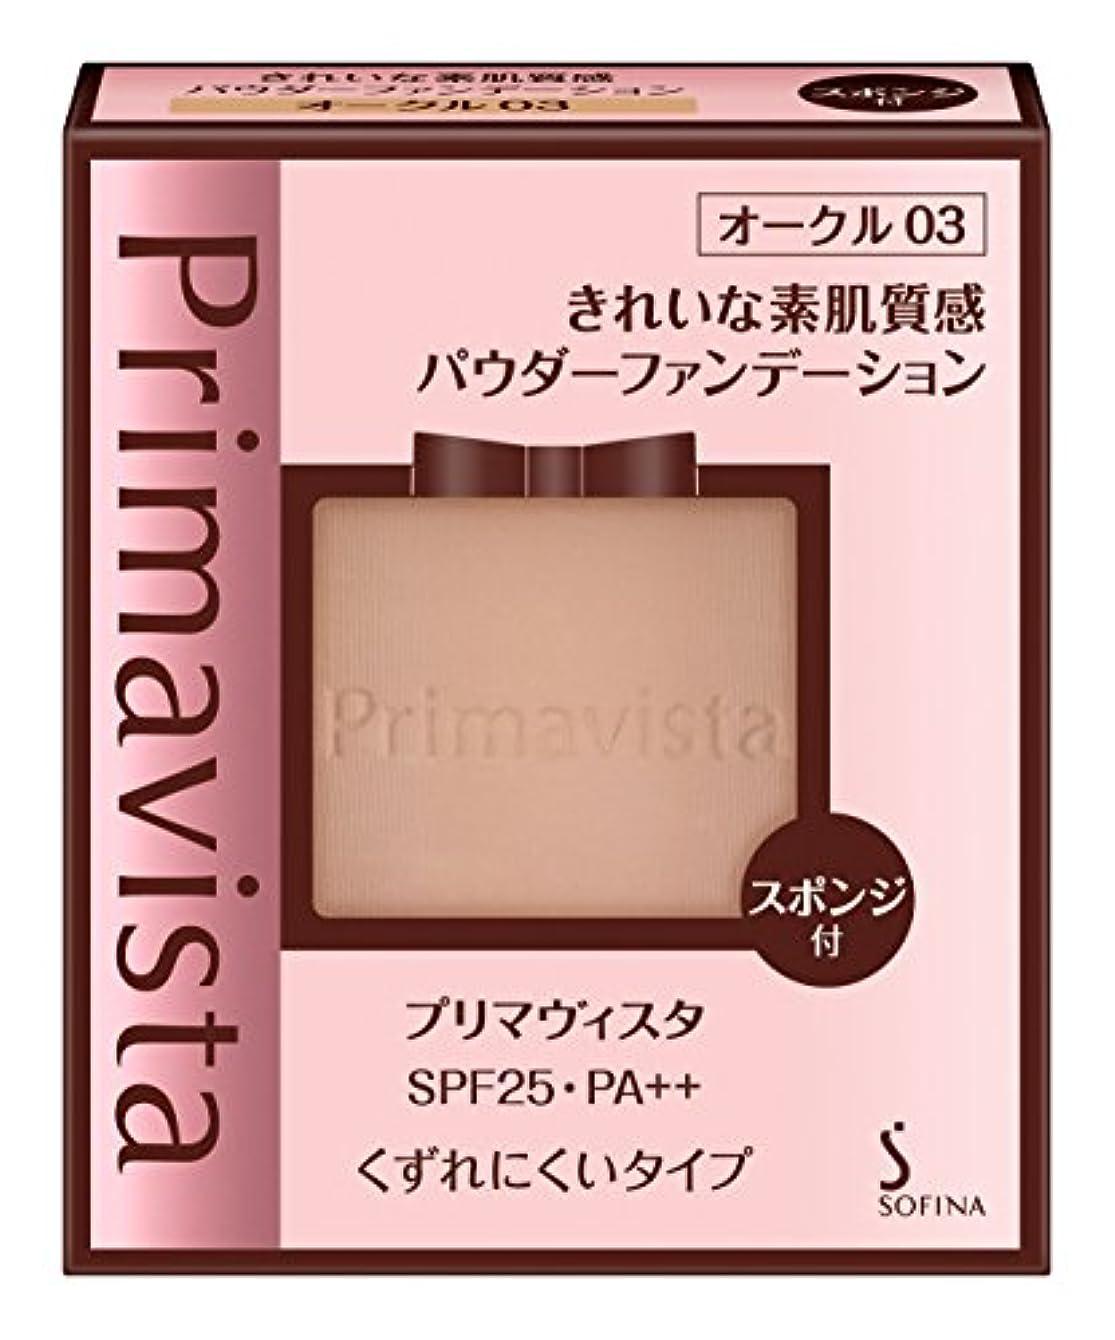 エクステントファーザーファージュ消すプリマヴィスタ きれいな素肌質感パウダーファンデーション オークル03 SPF25 PA++ 9g